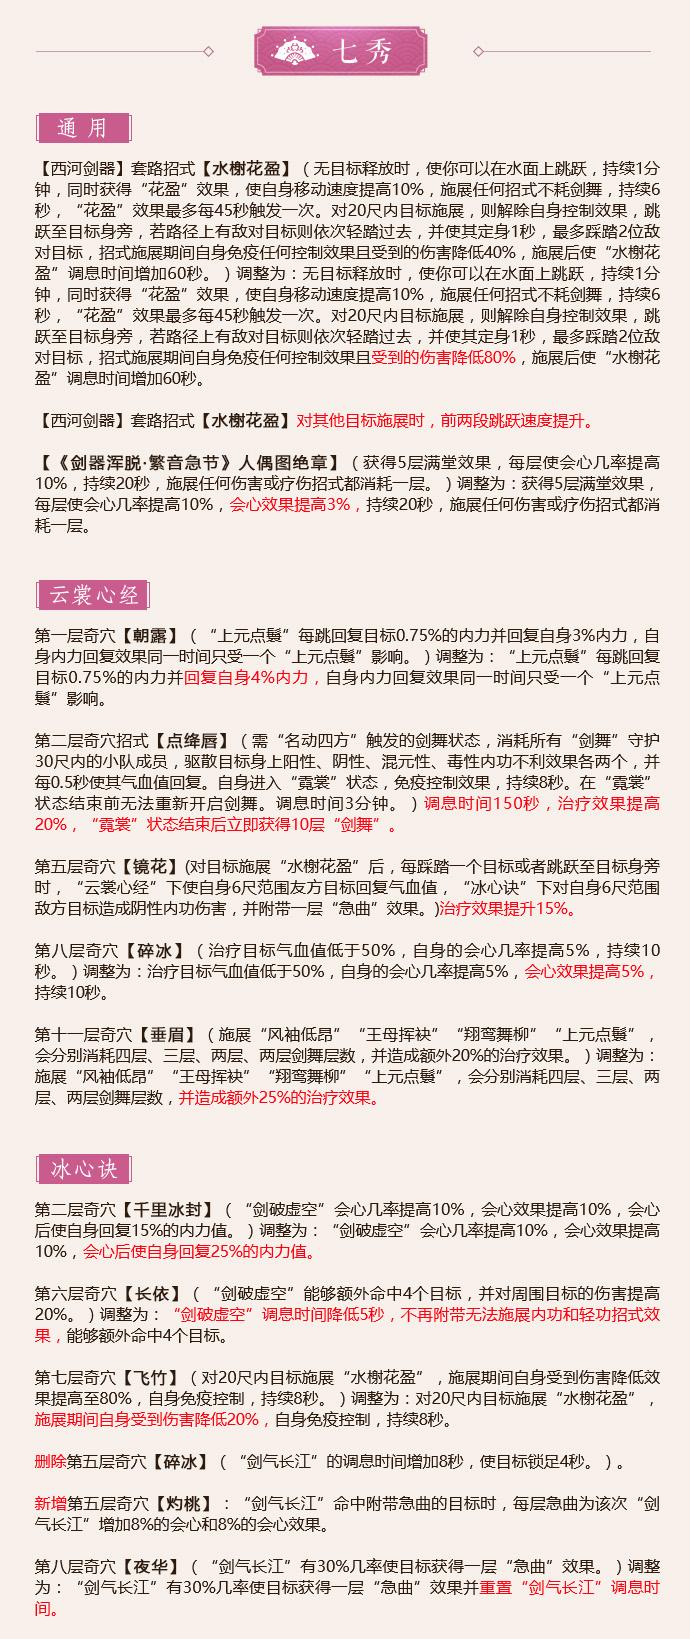 《剑网3》怒海争锋七秀第二次技改一览